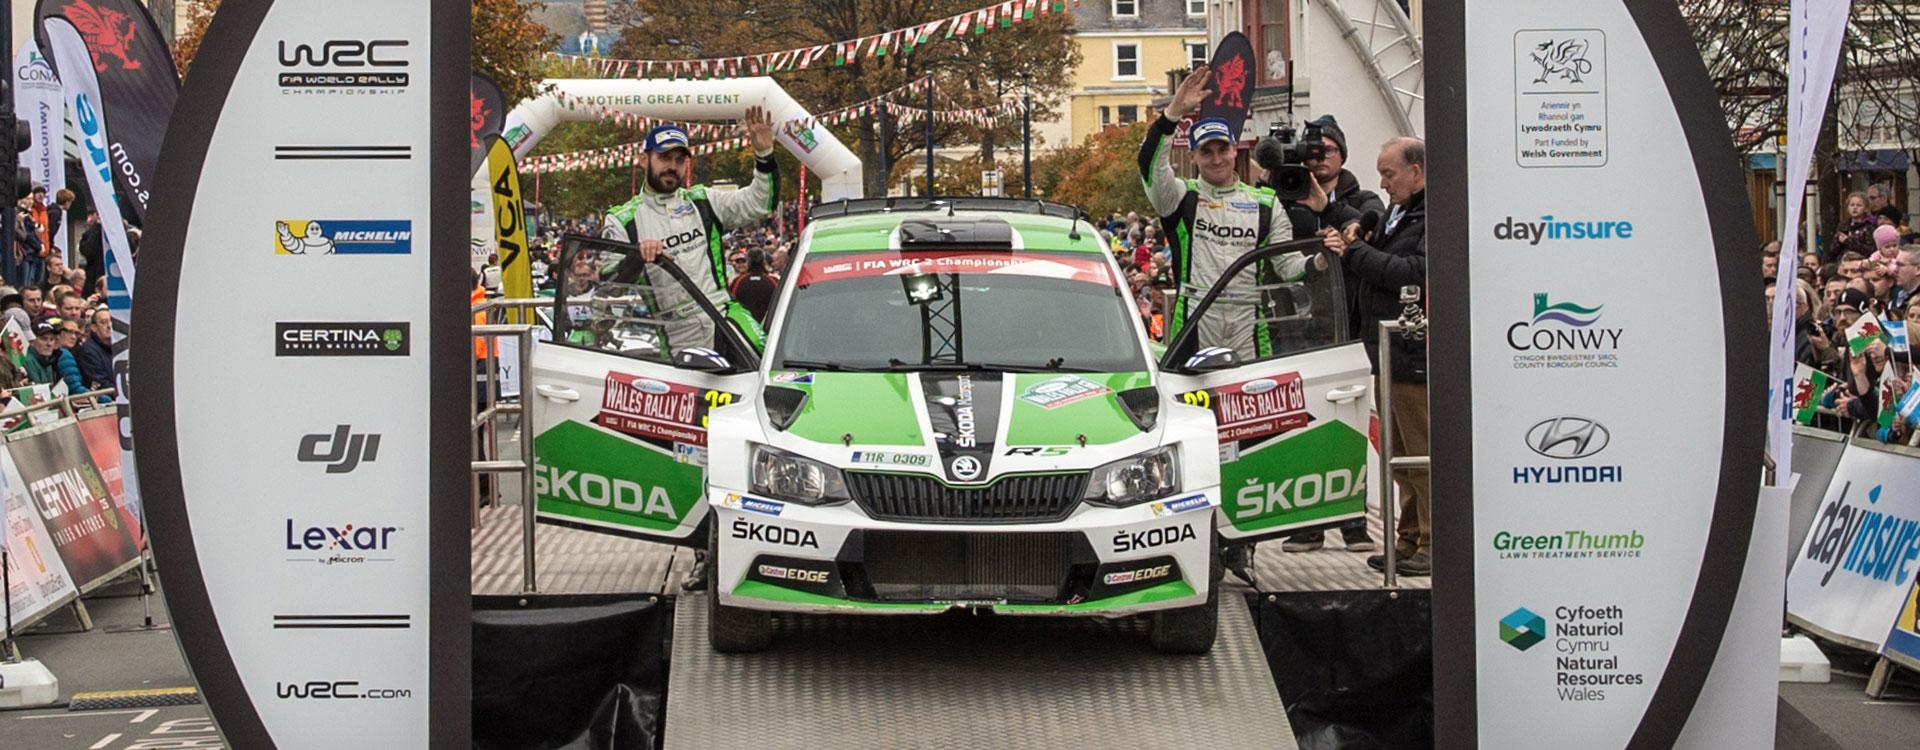 WRC Velká Británie: Lappi zvítězil a stále může získat titul